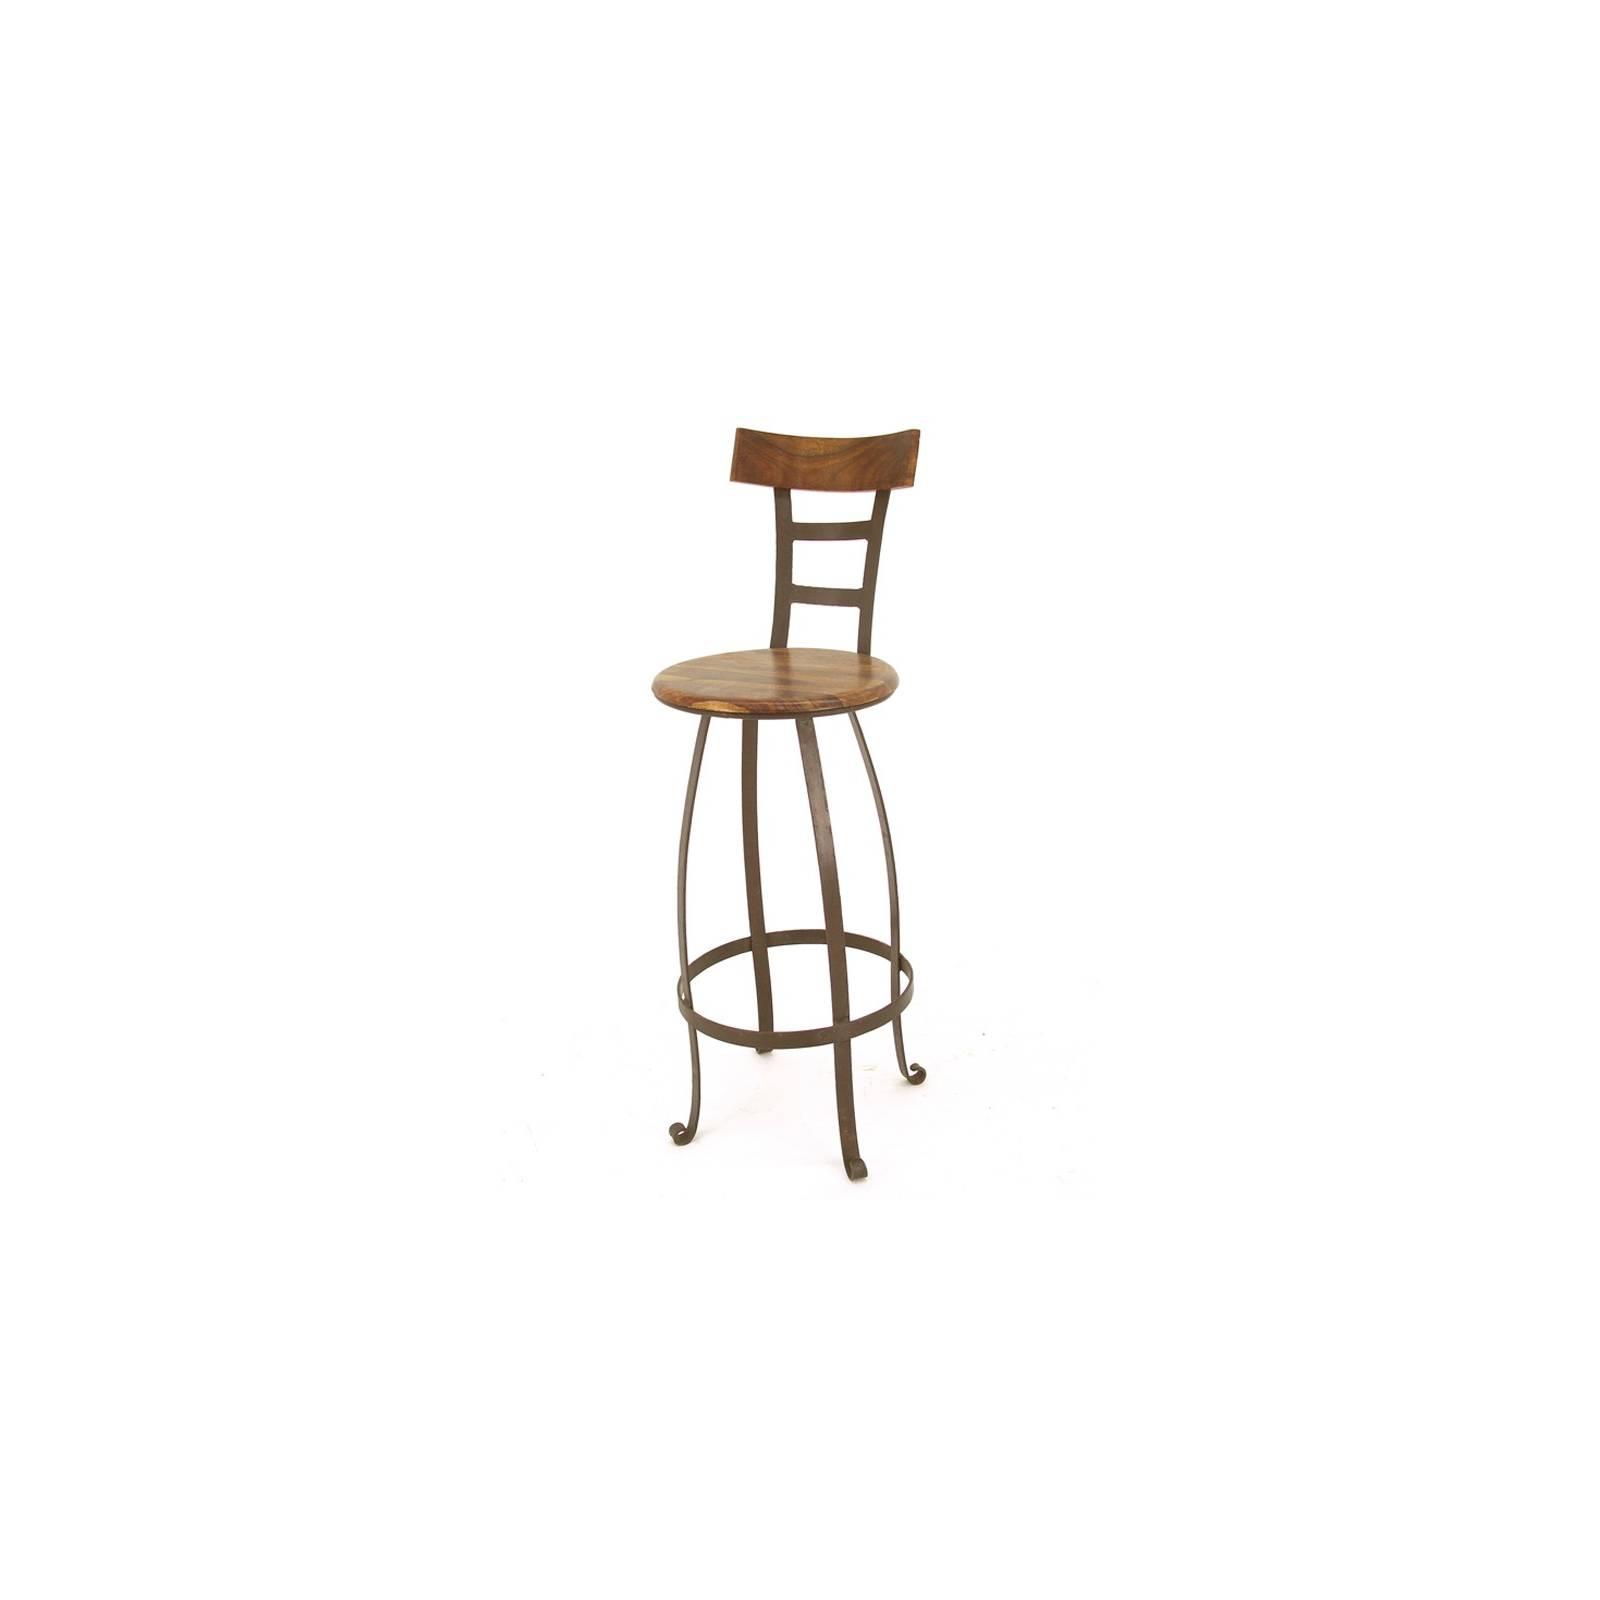 Tabouret de Bar Pivotant Fer forgé et Palissandre - meuble style romantique